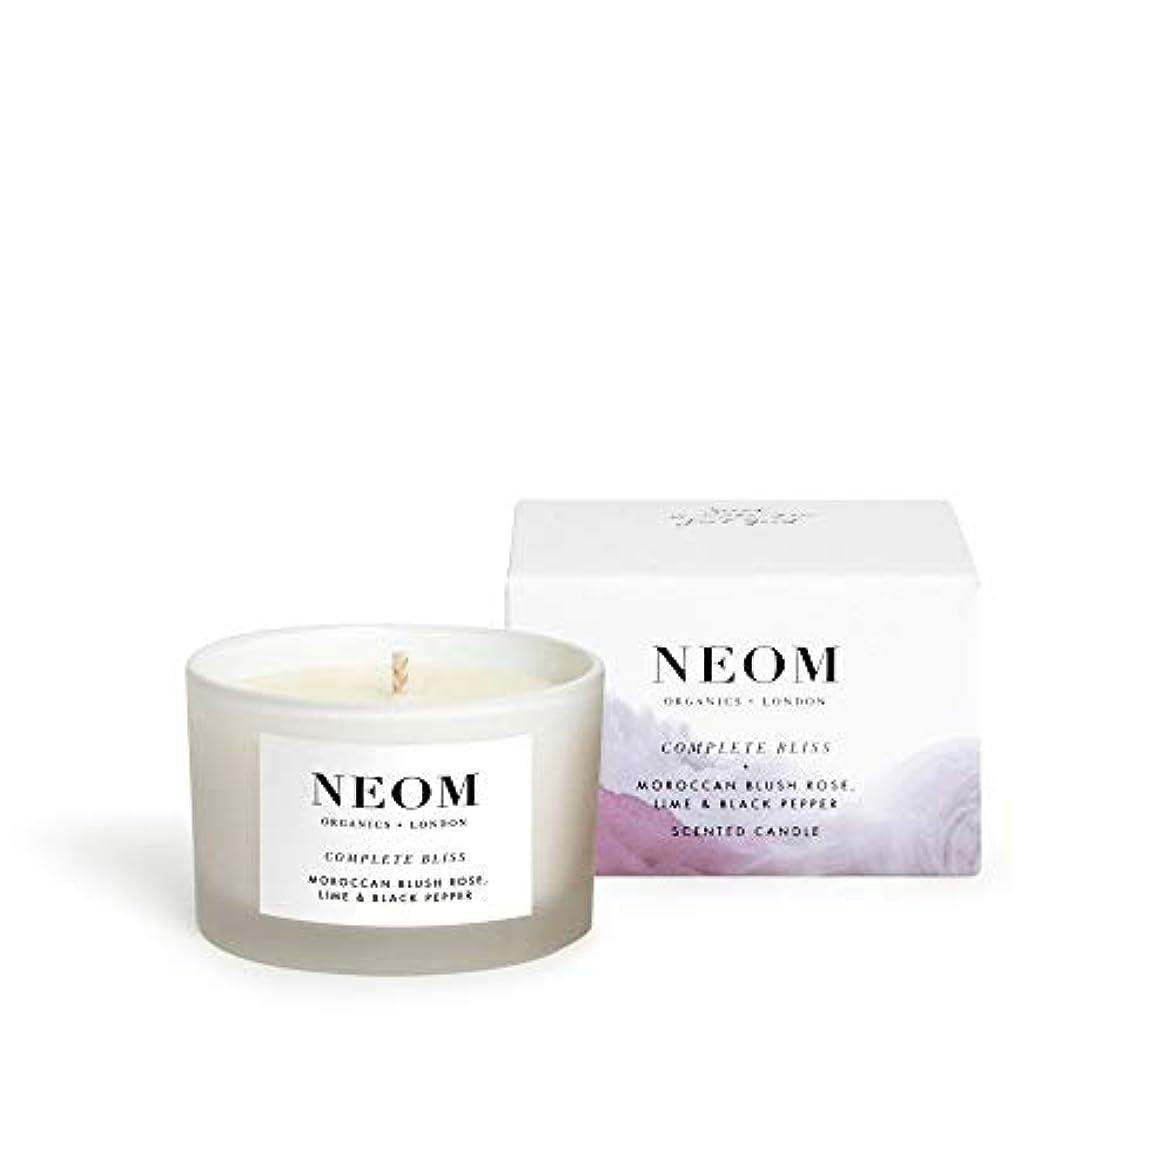 元に戻す発明する高揚した[Neom] Neom完全な至福の旅行キャンドル75グラム - Neom Complete Bliss Travel Candle 75g [並行輸入品]